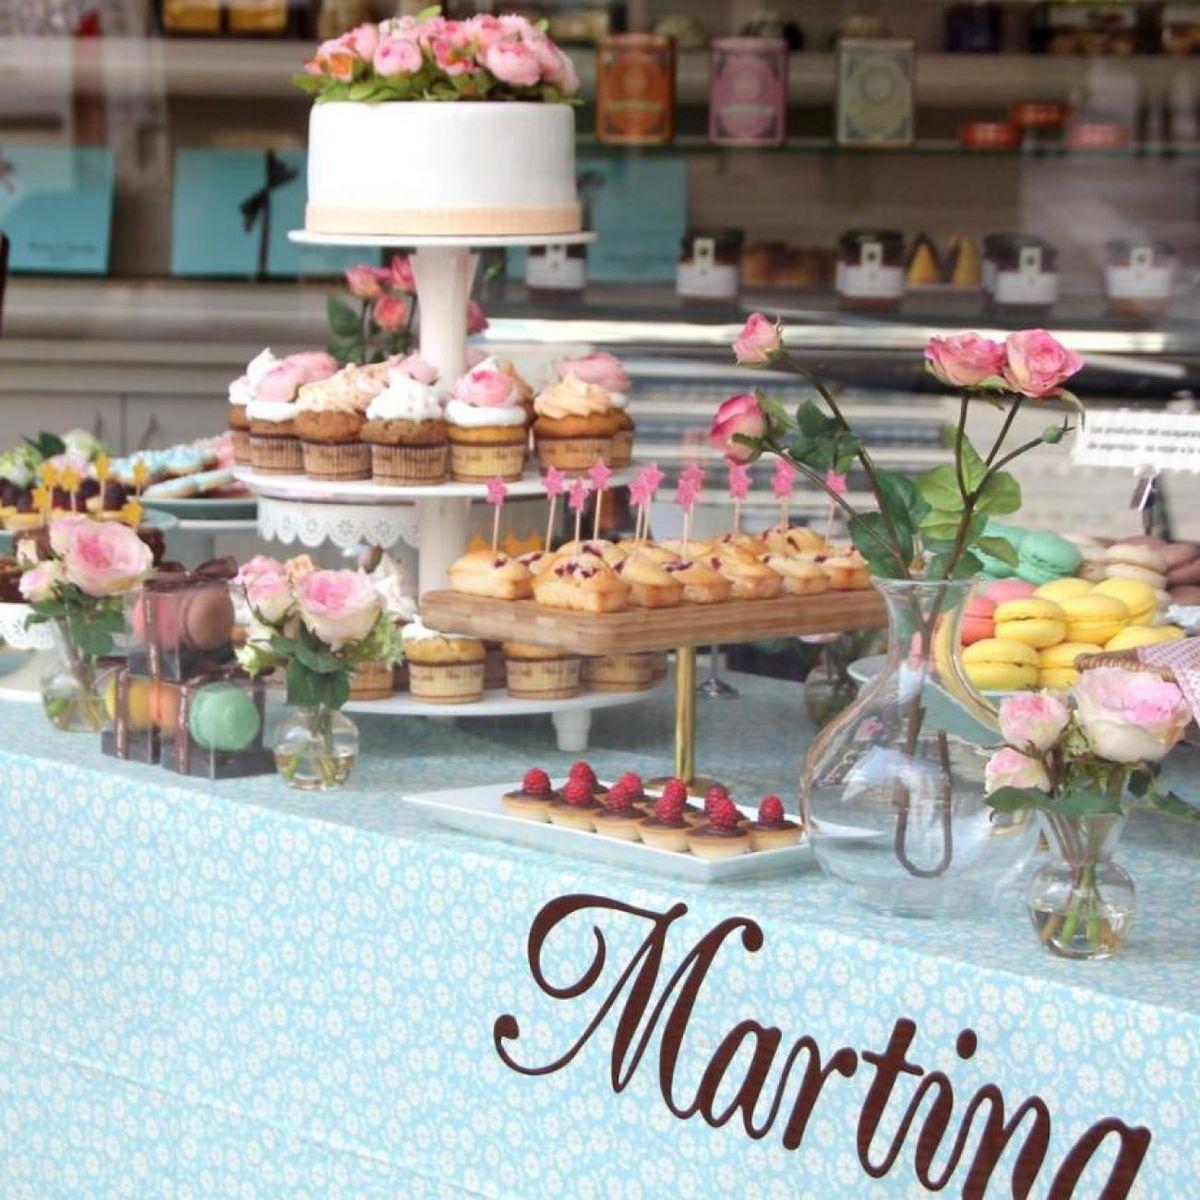 3593-pastelerias-martina-de-zuricalday-05